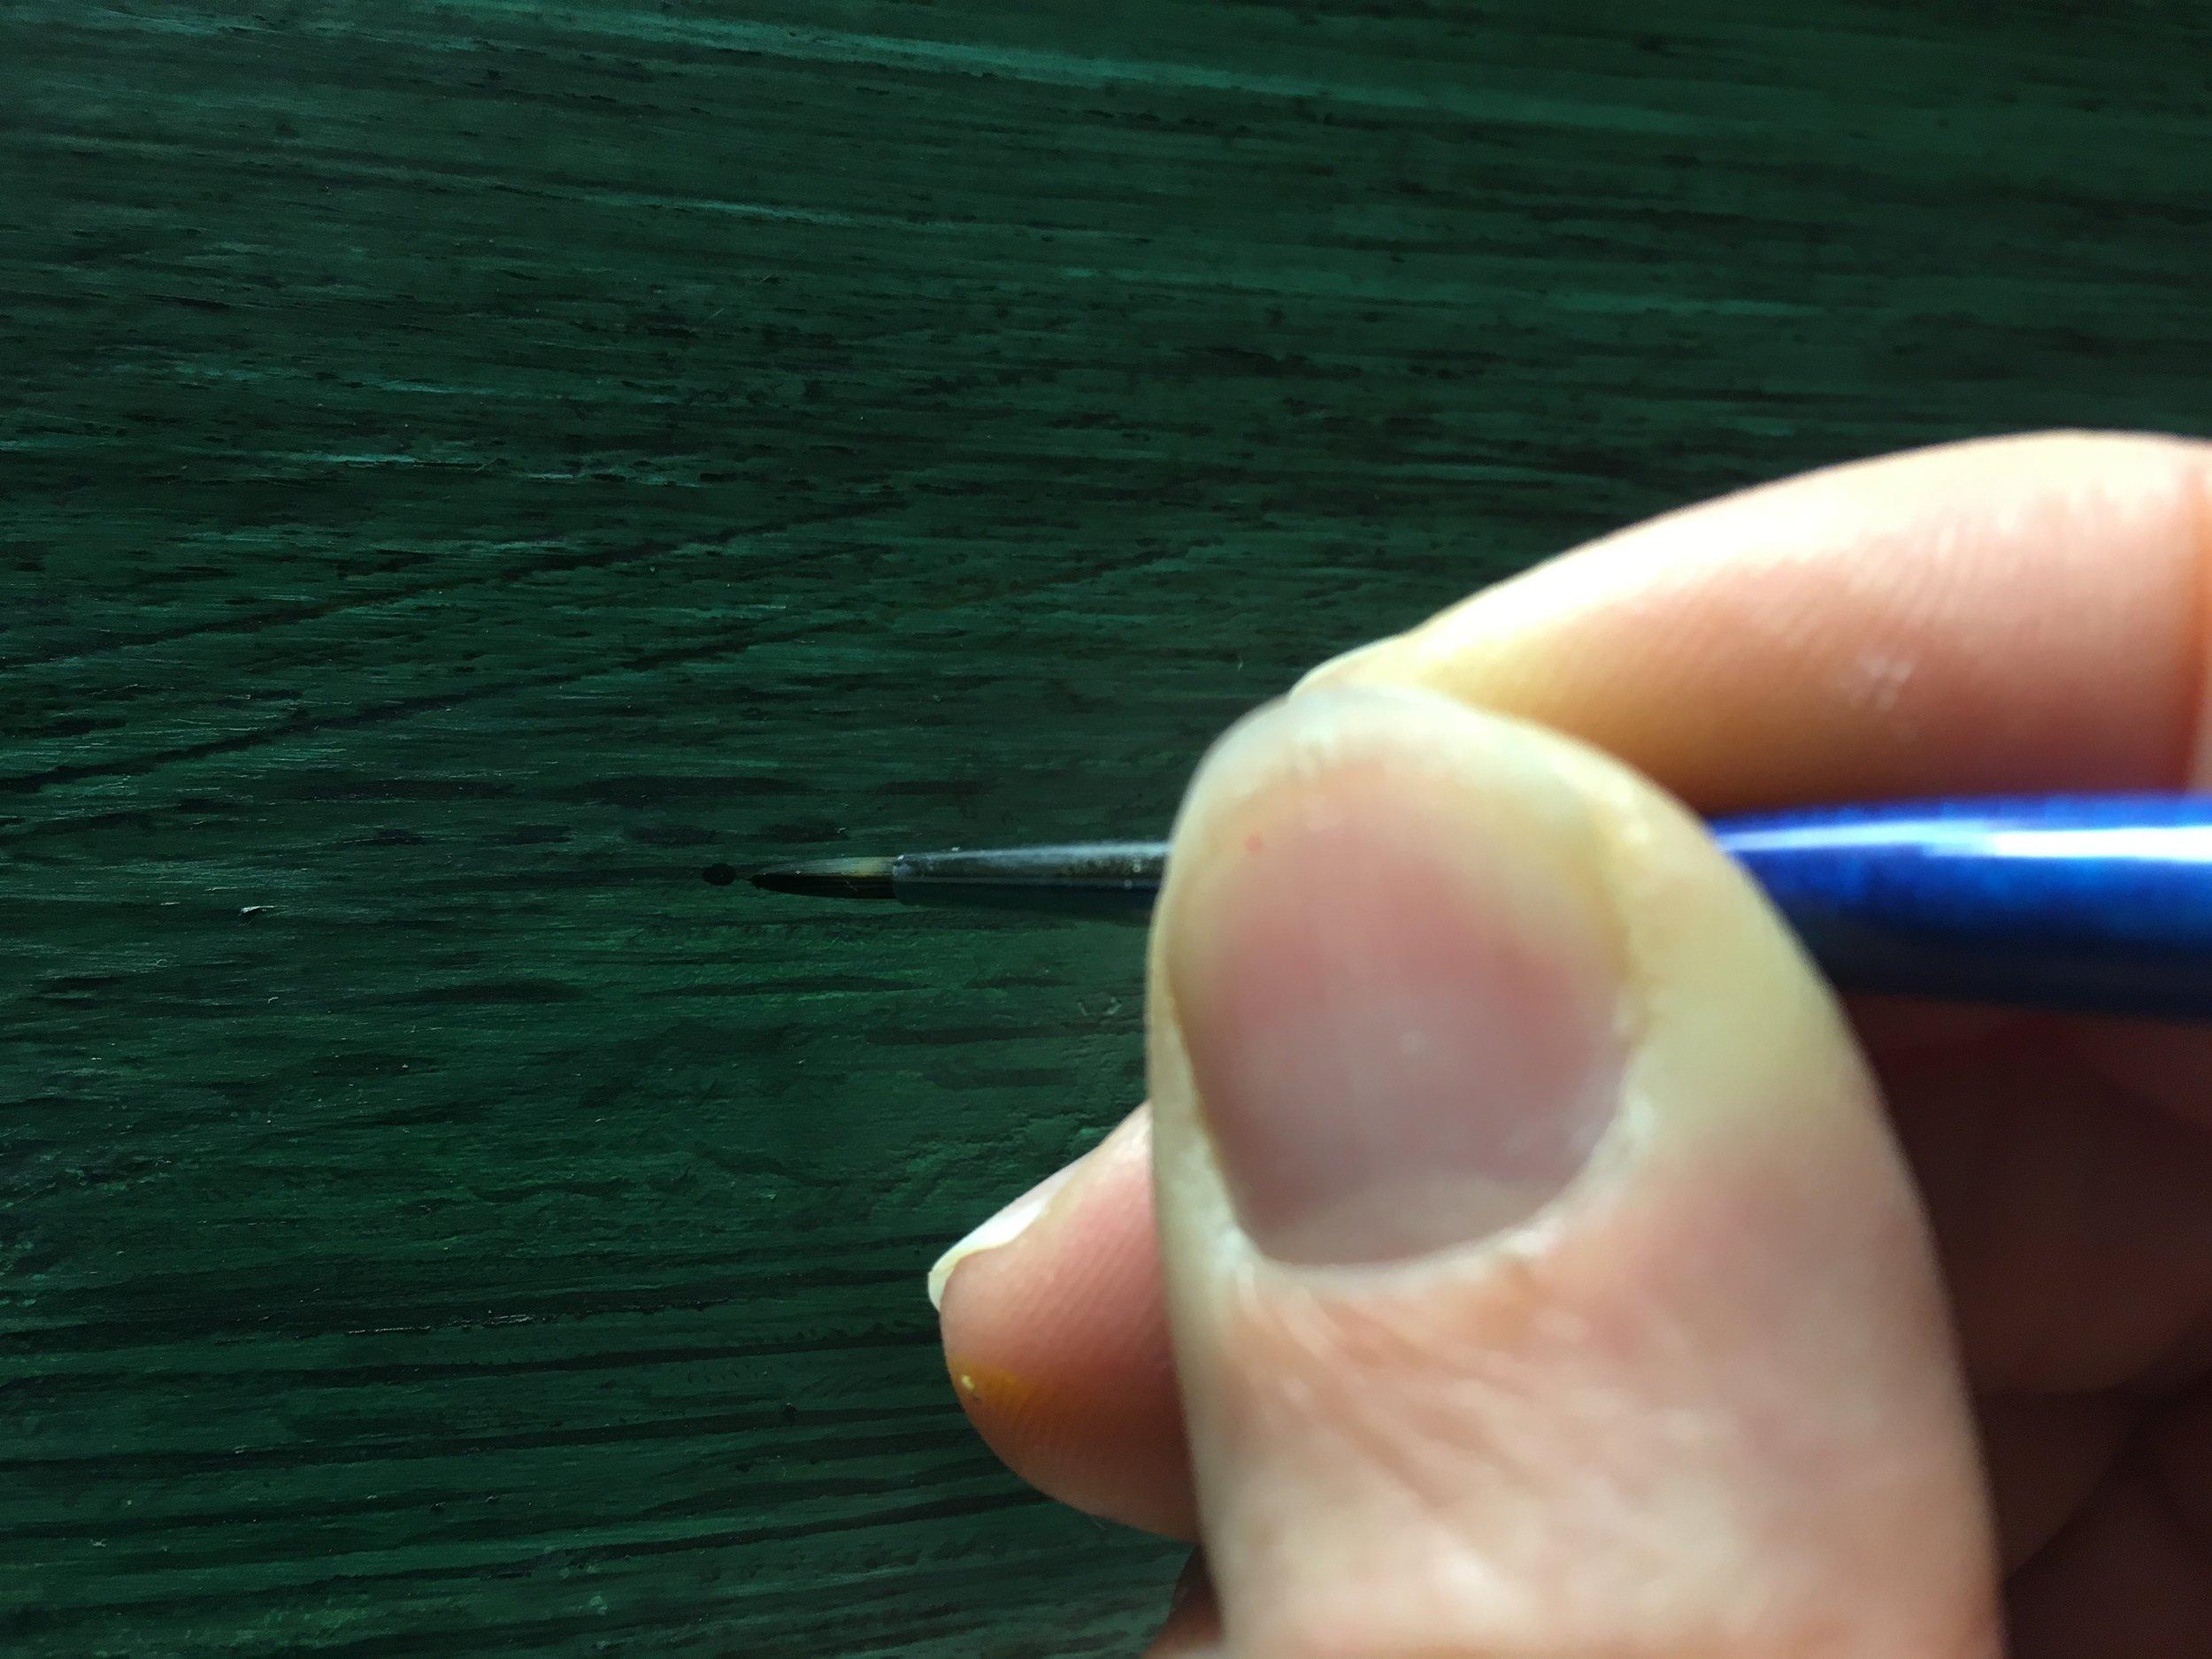 paul -evans-designer-americain-bois-métal-kravitz-elton-john-restaurarte-restauration-retouche-peinture.jpg